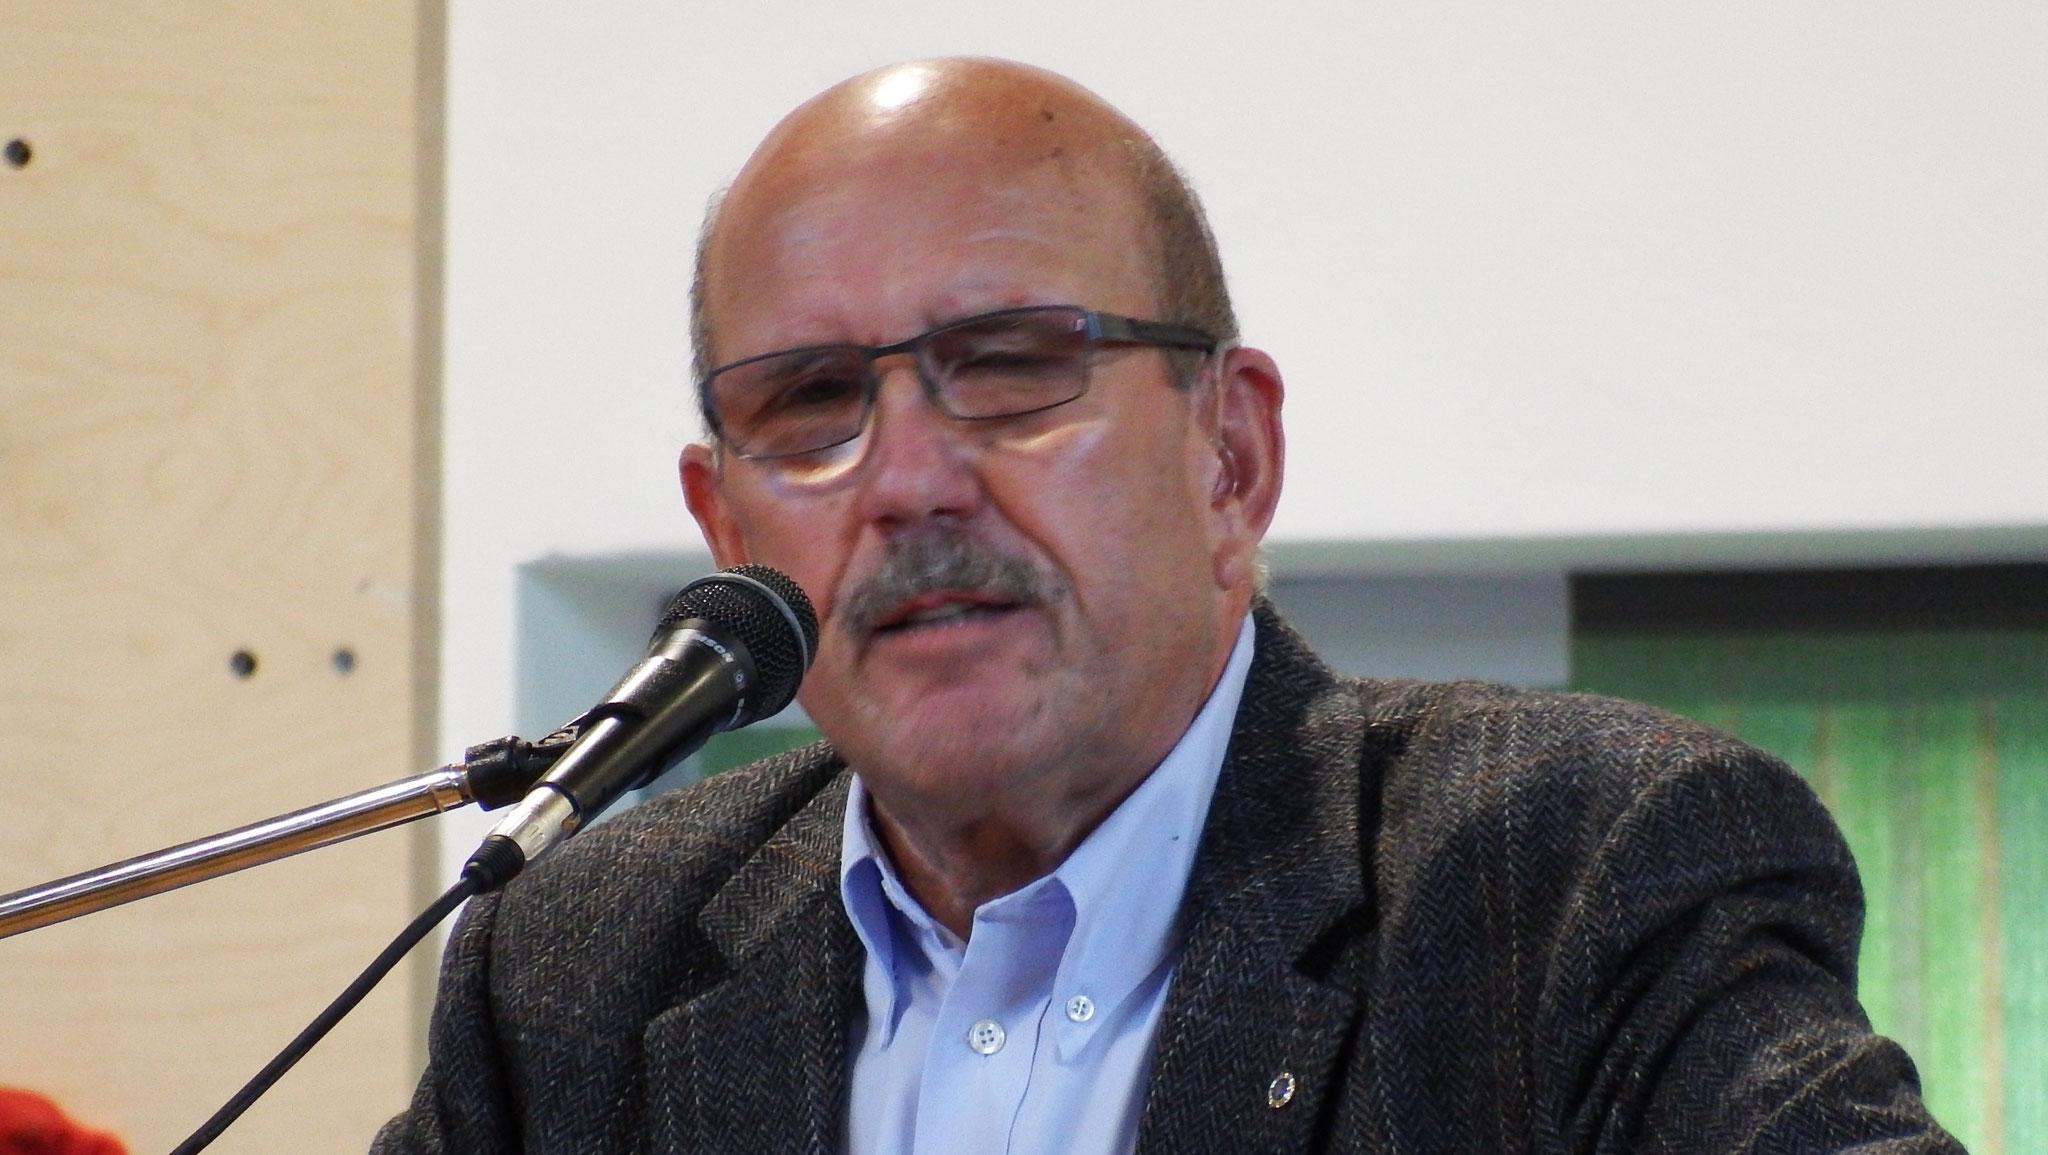 Bezirksvorsitzender Unterfranken Werner Hahn